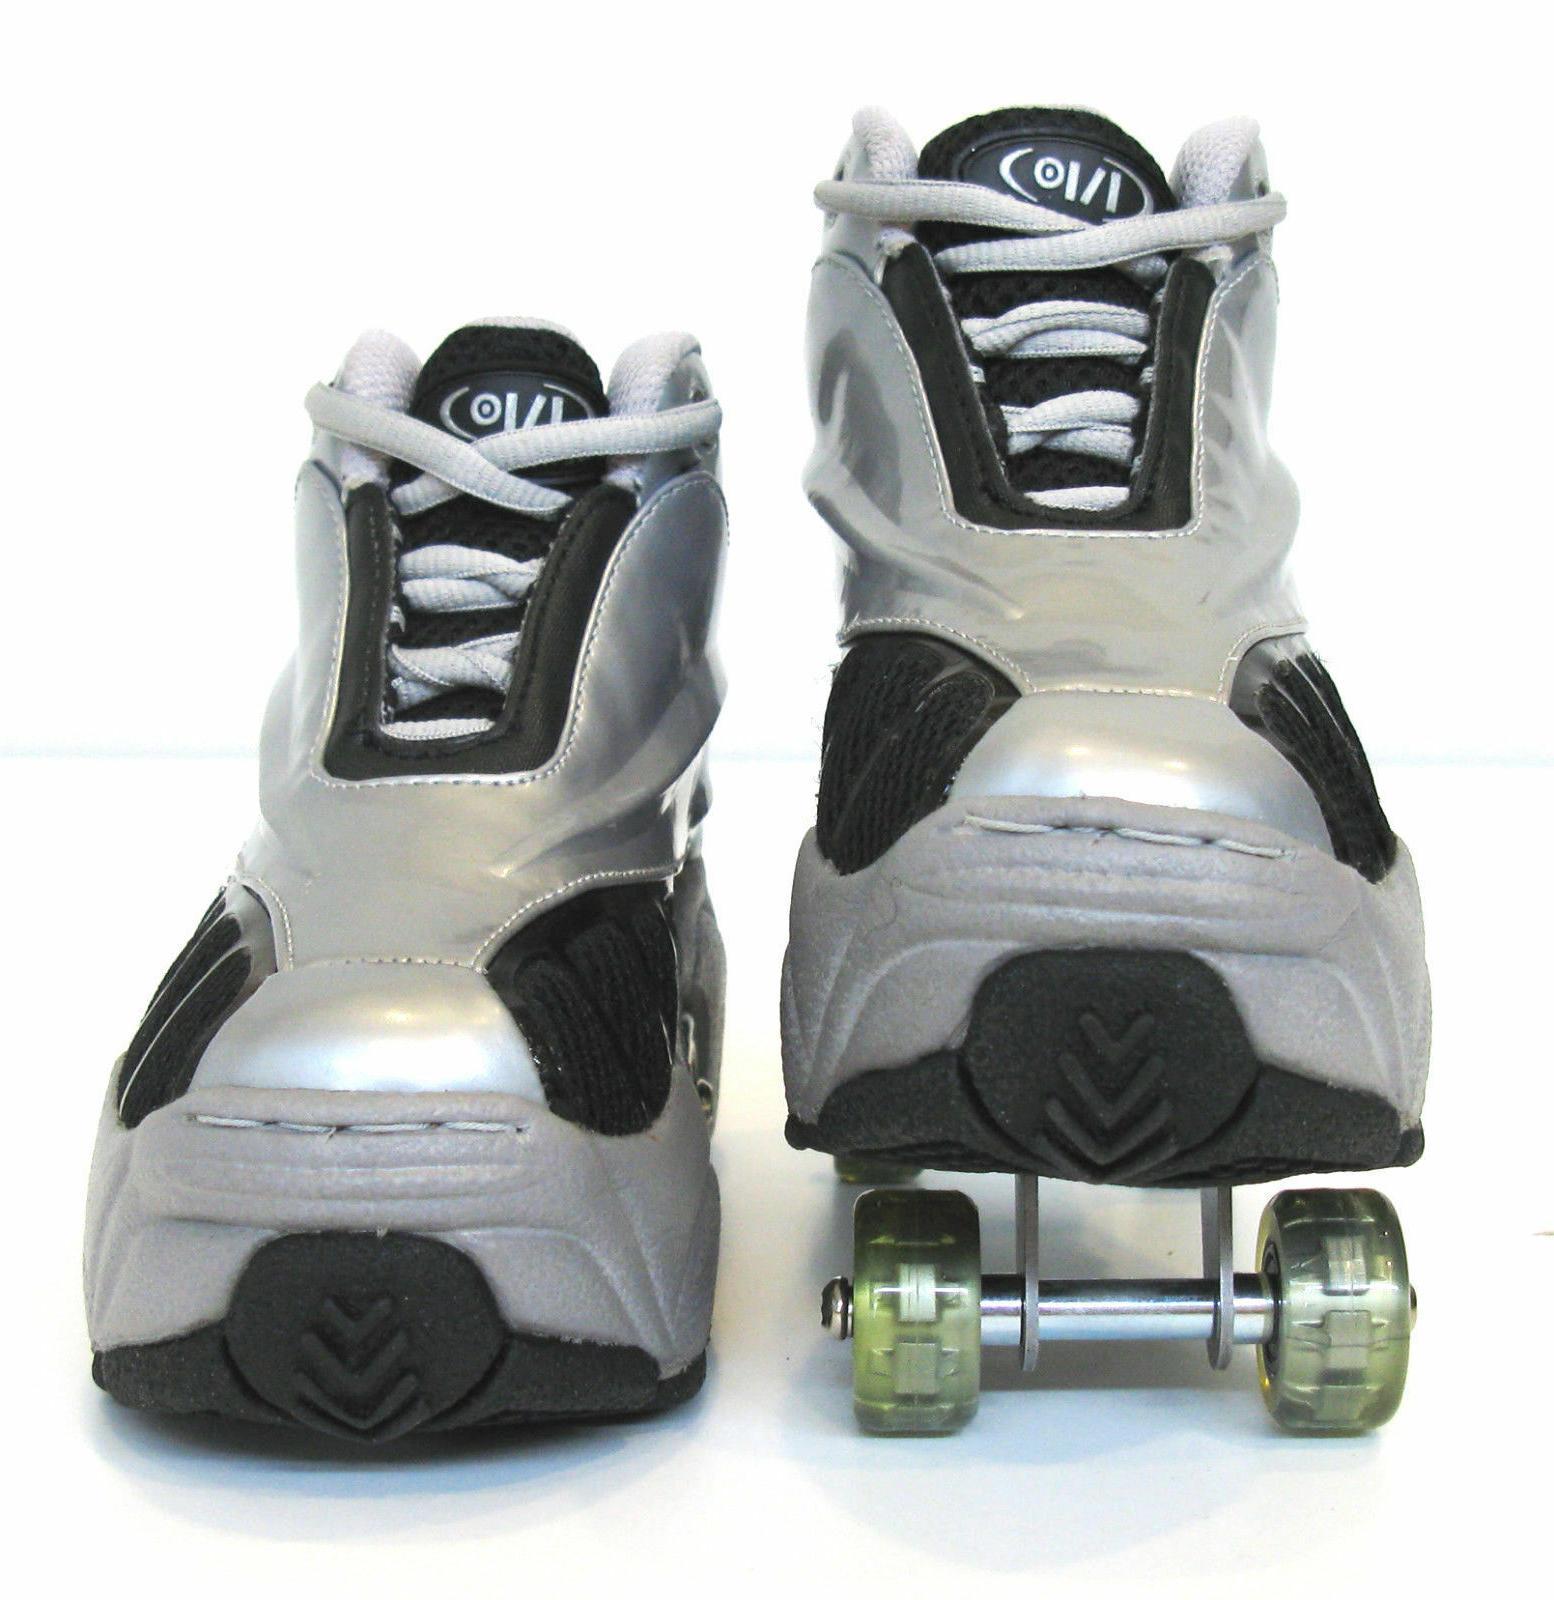 UNIQUE Skates Silver/Grey SHIP